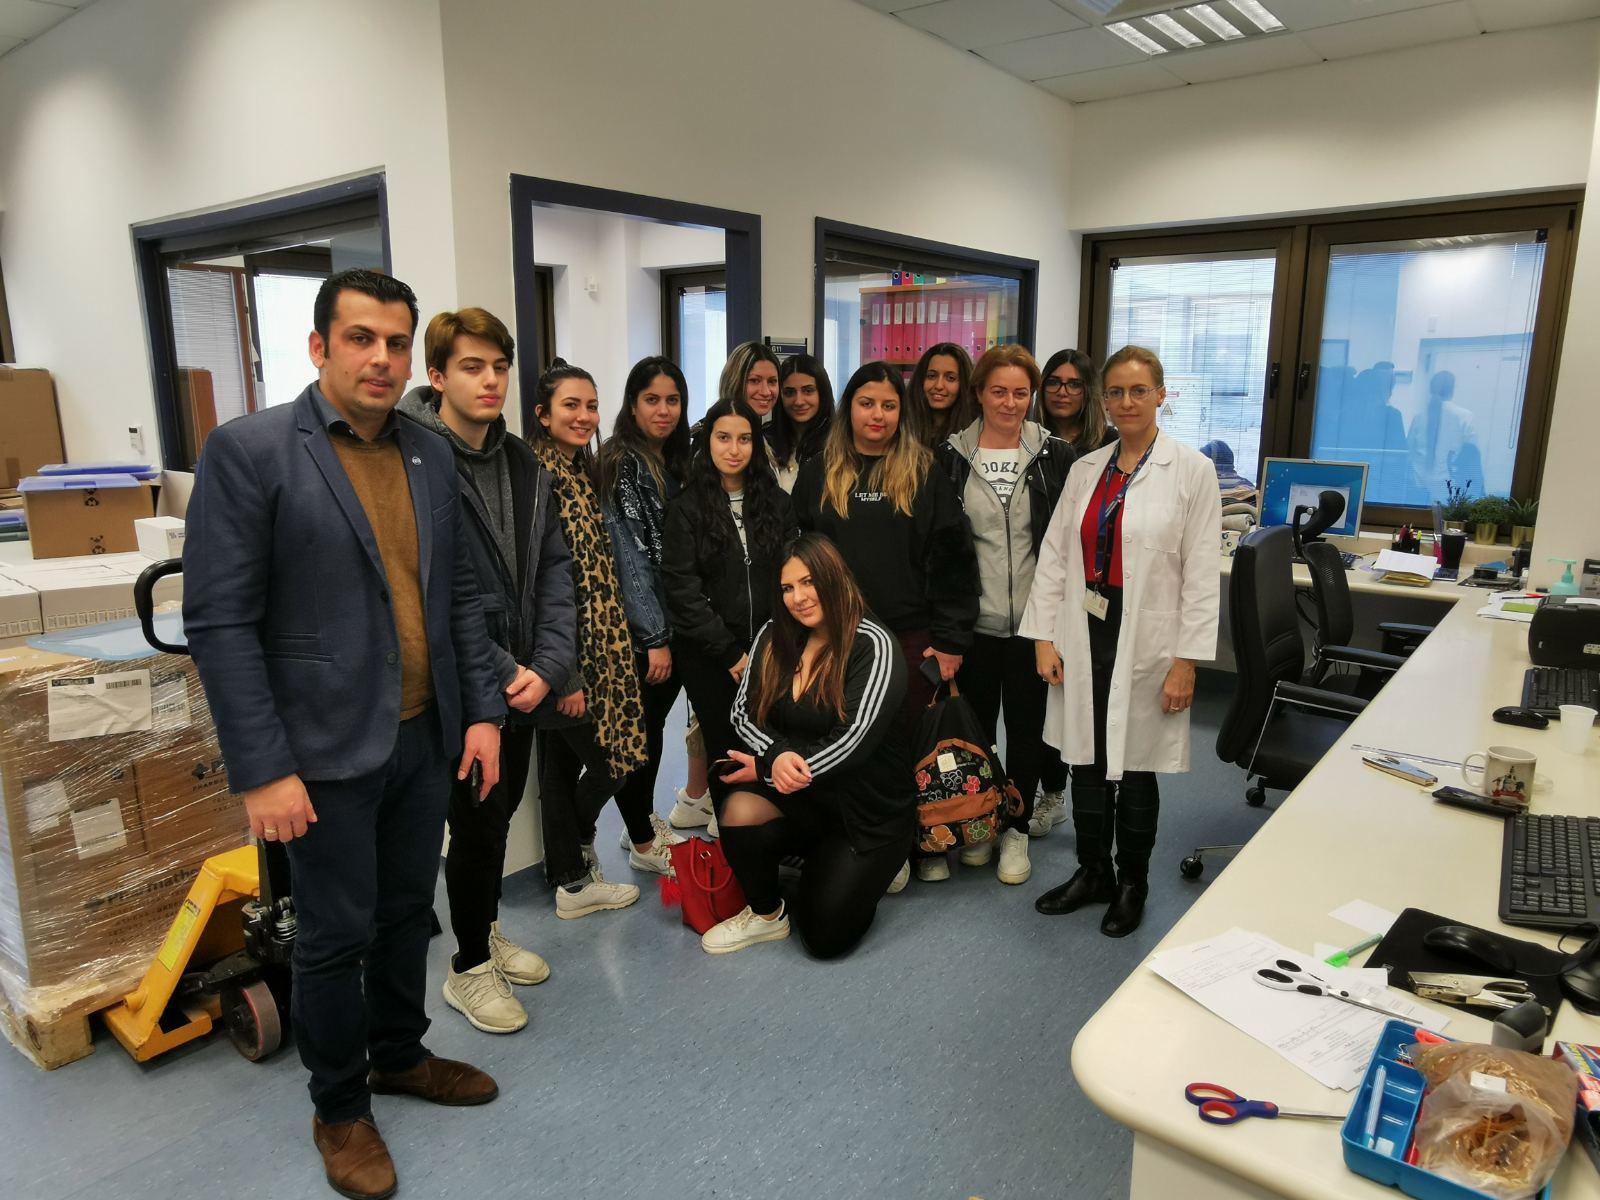 Εκπαιδευτική επίσκεψη των φοιτητών του Προγράμματος Σπουδών Βοηθοί (Τεχνικοί) Φαρμακείου στο Φαρμακείο του Ογκολογικού Κέντρου της Τράπεζας Κύπρου